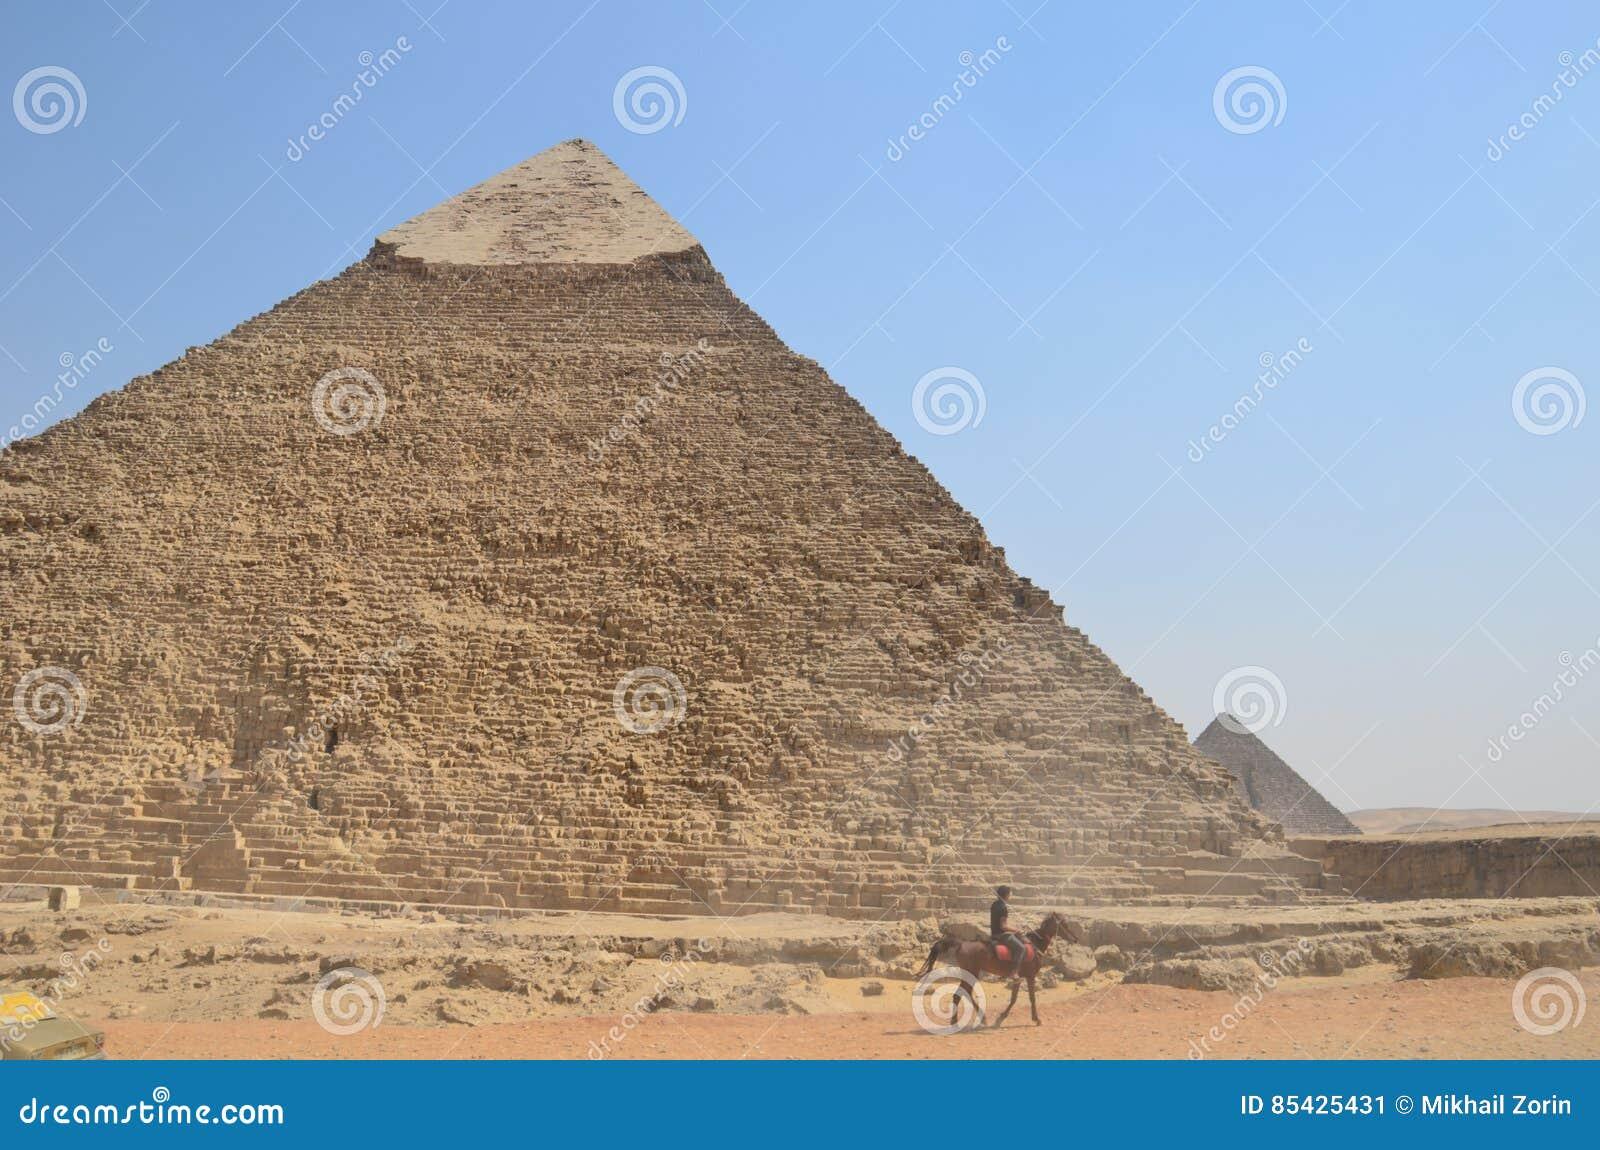 Пирамида в пыли песка под серыми облаками